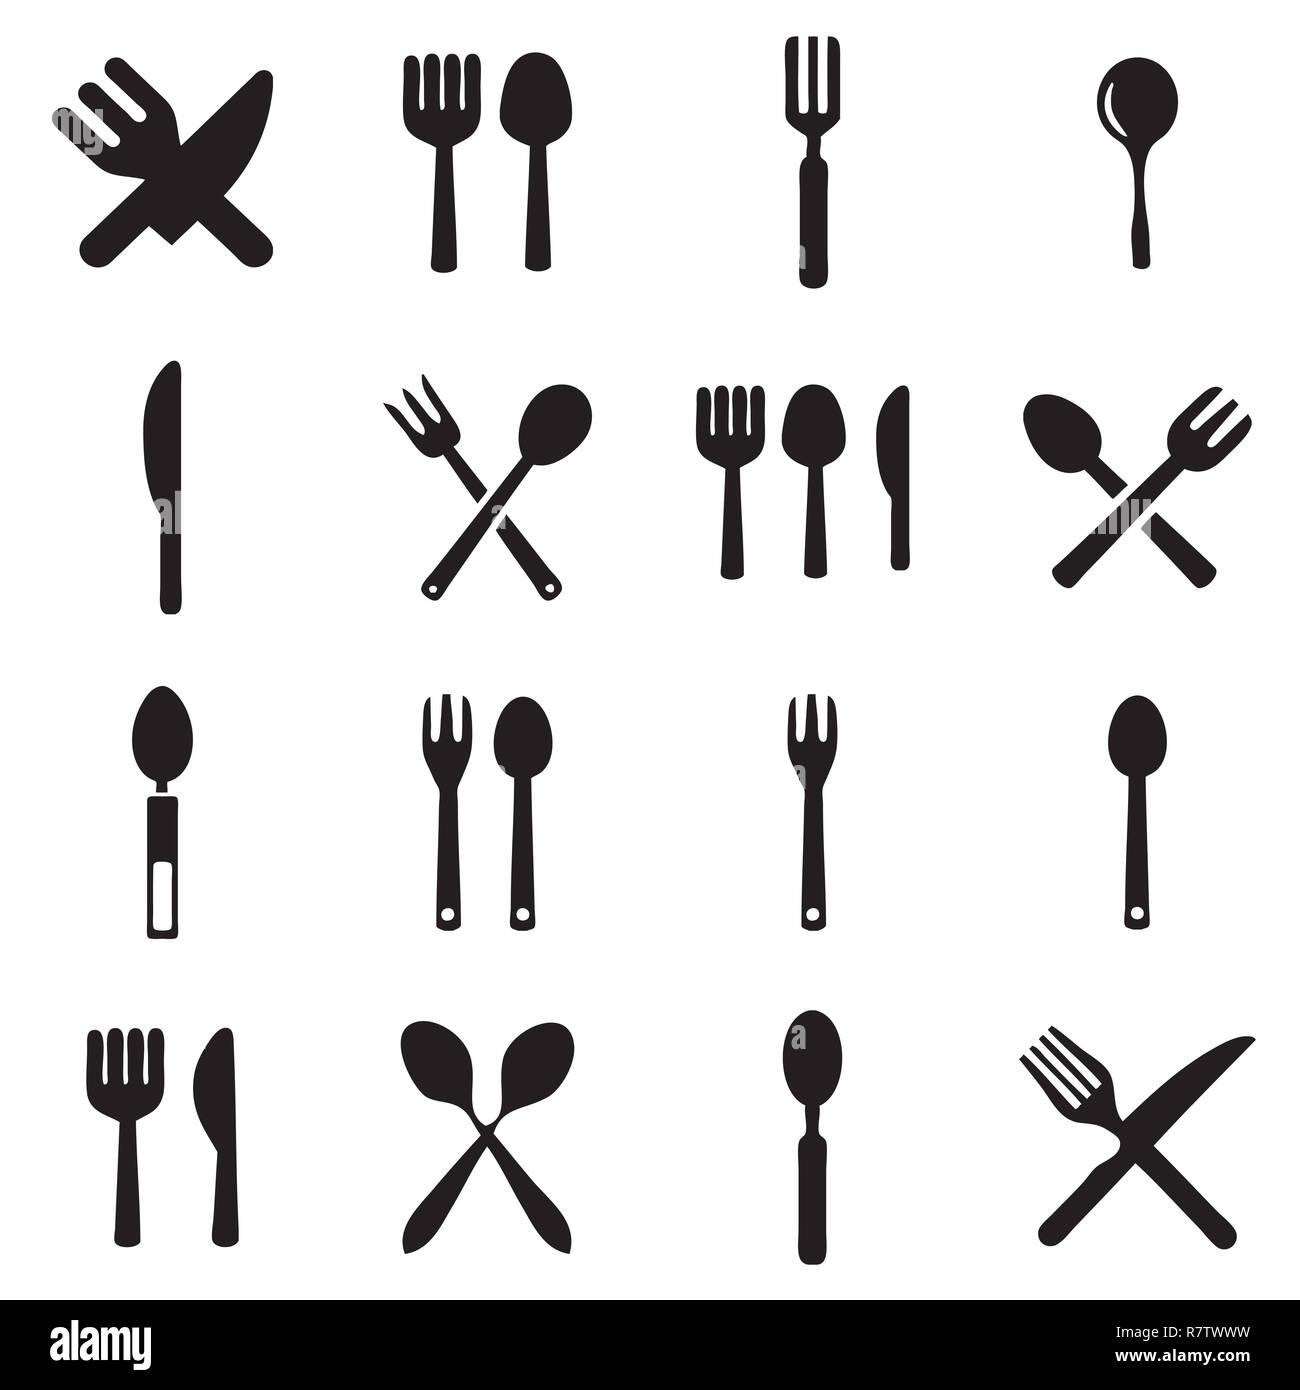 Cucina cucchiaio e forchetta vettori icona Immagini Stock